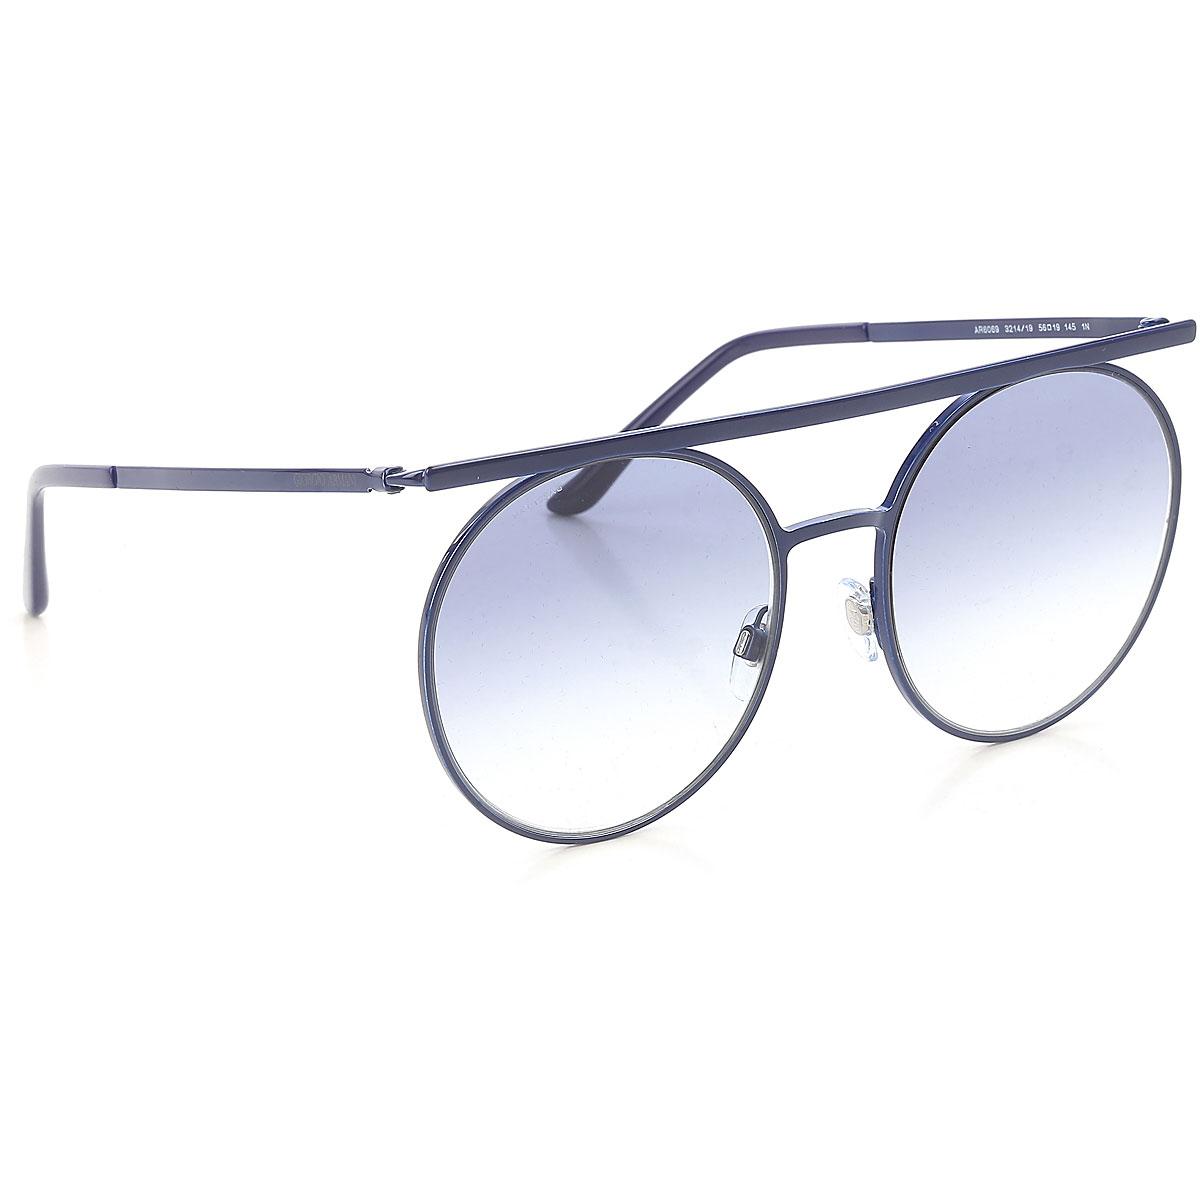 Giorgio Armani Sunglasses On Sale, Blue, 2019